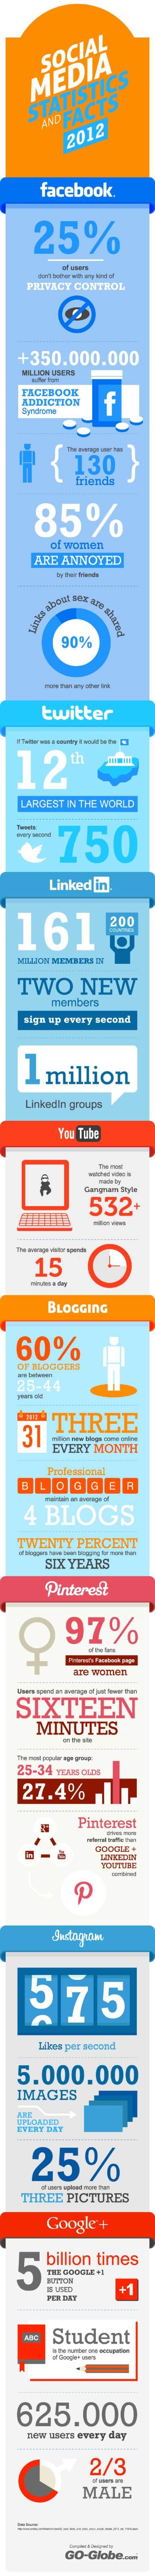 Social Media Statistics for 2012